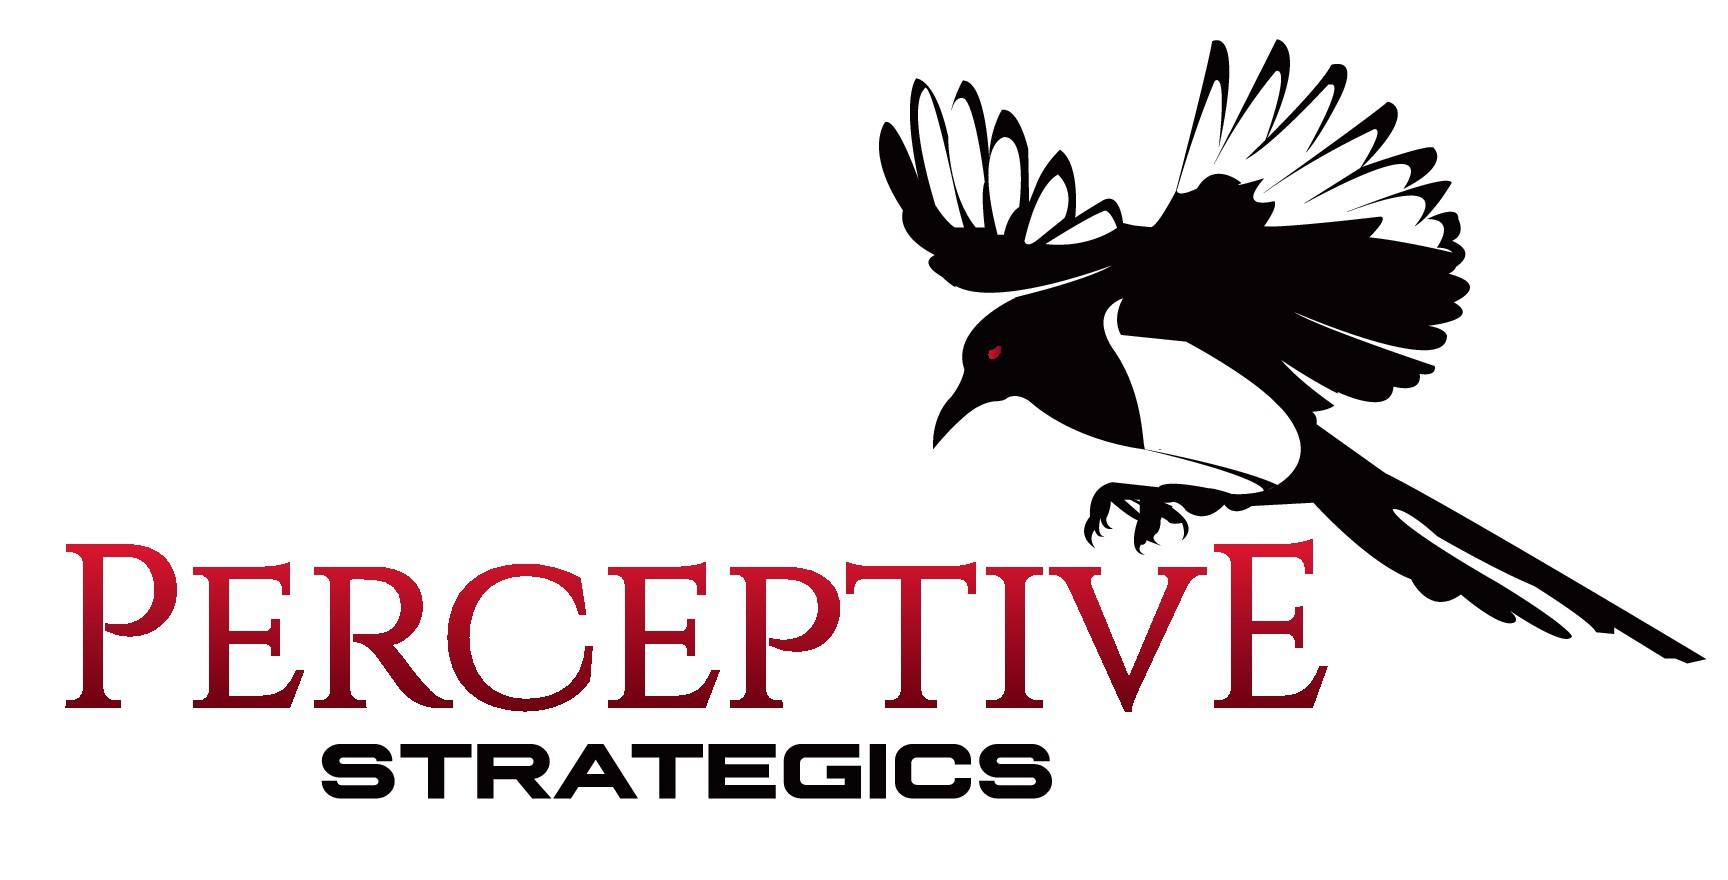 Design a dynamic firearms training logo